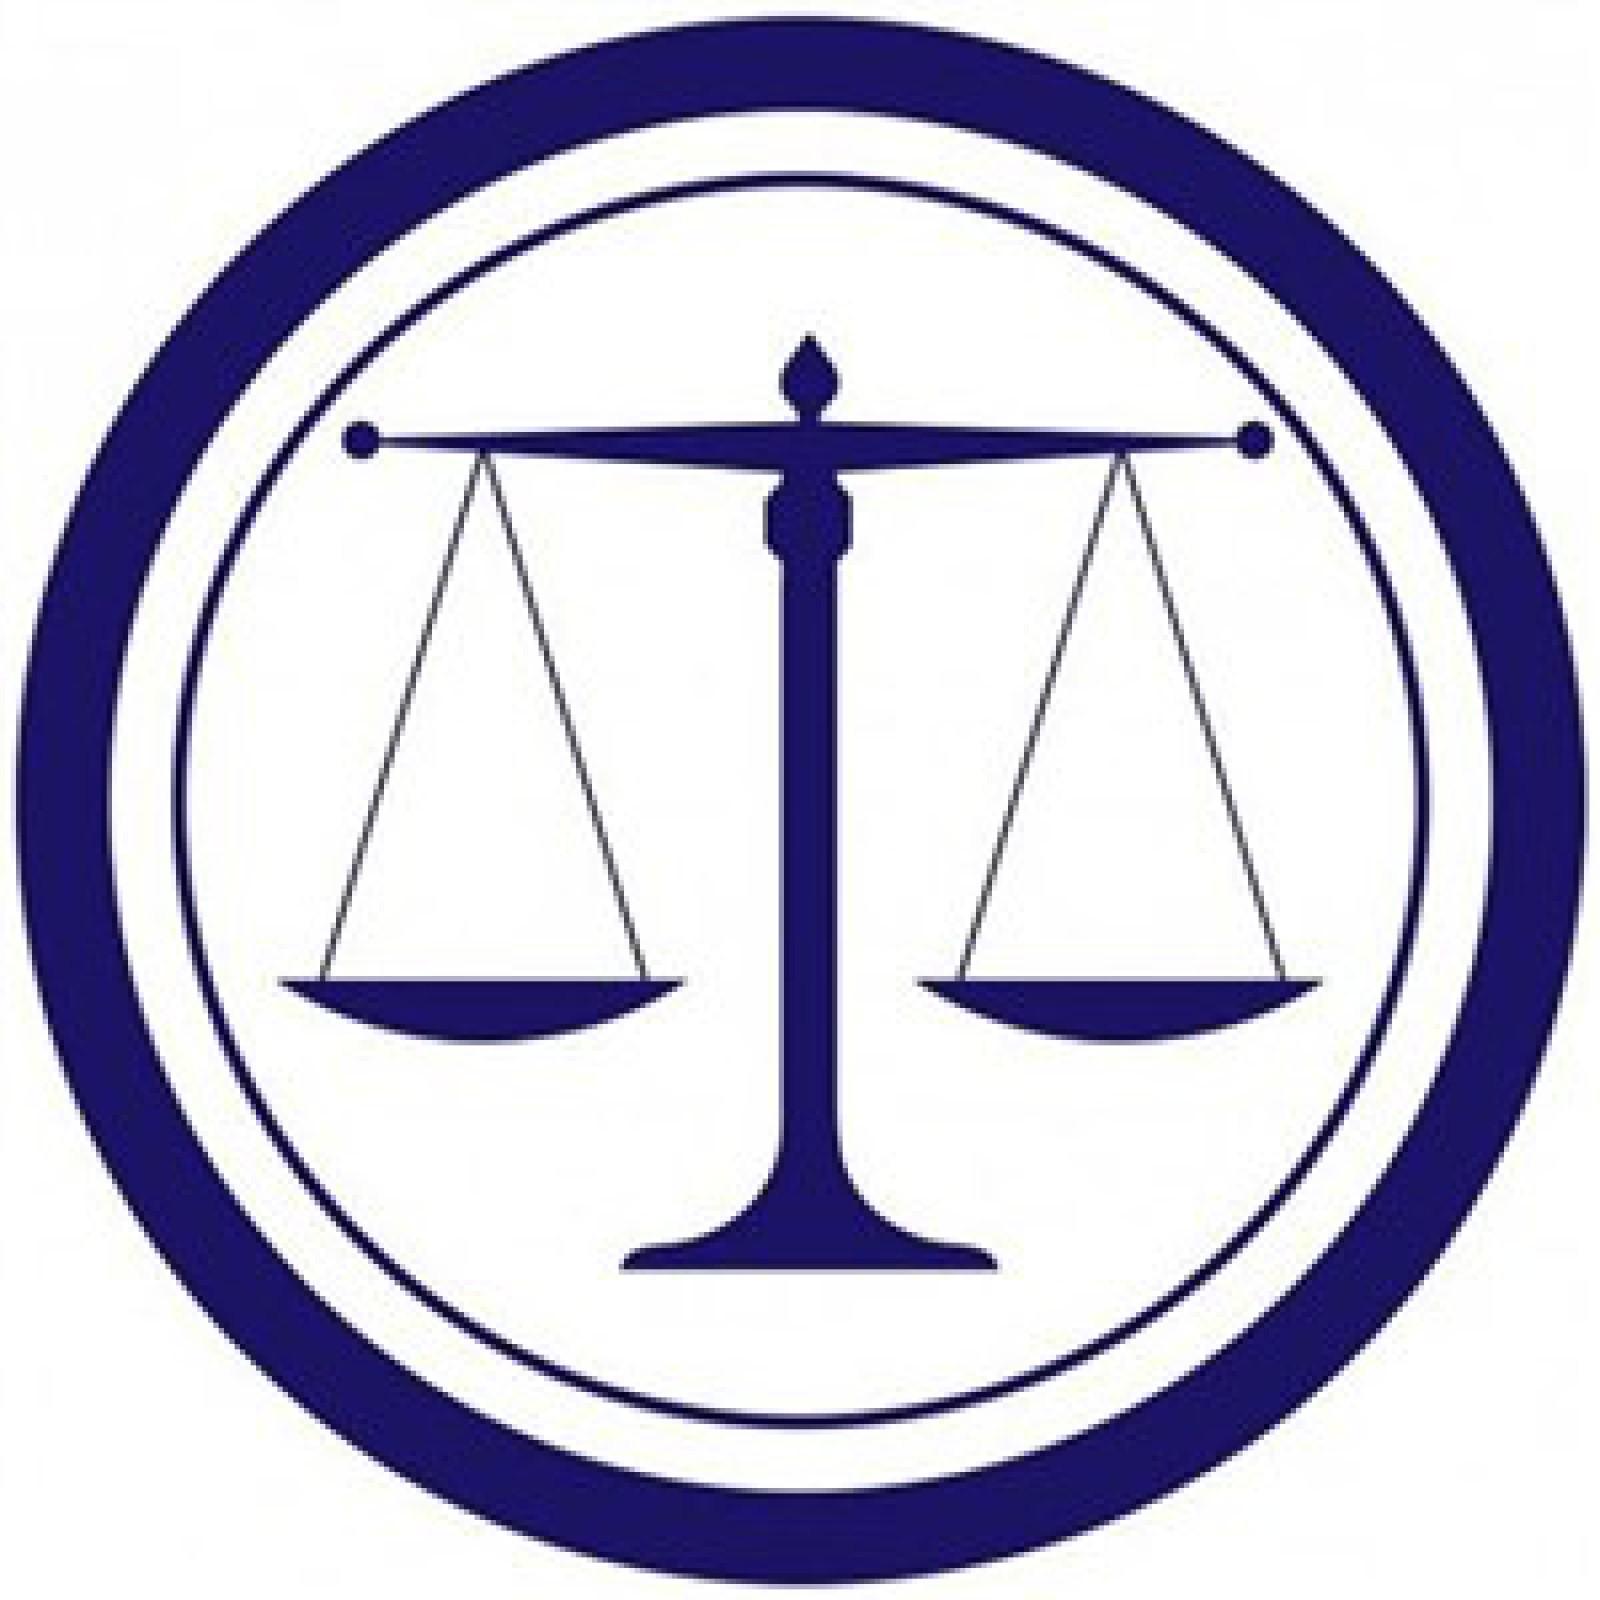 Società cancellata e ultrattività del mandato: la notifica dell'impugnazione va fatta presso il difensore